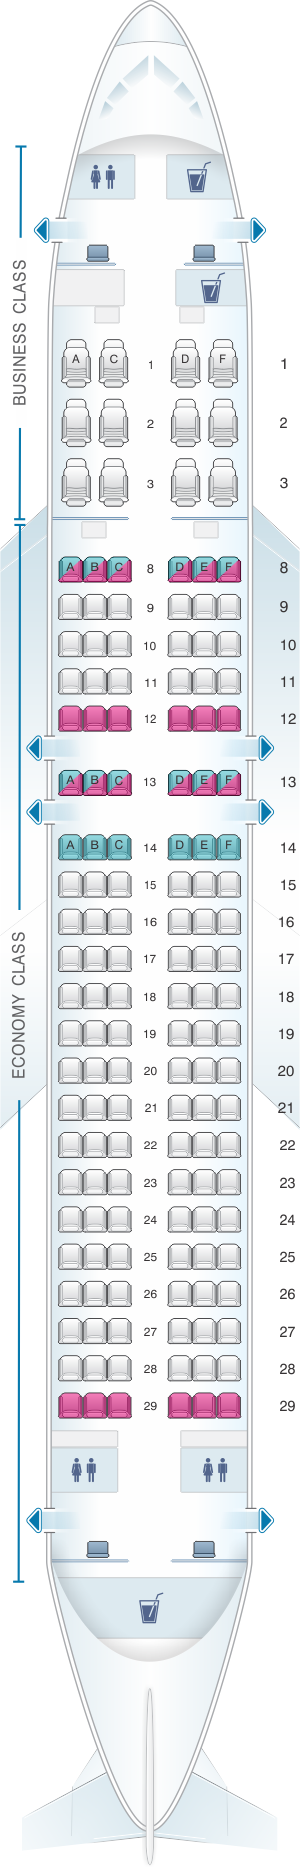 Seat Map Qatar Airways Airbus A320 200 144pax Map, Qatar